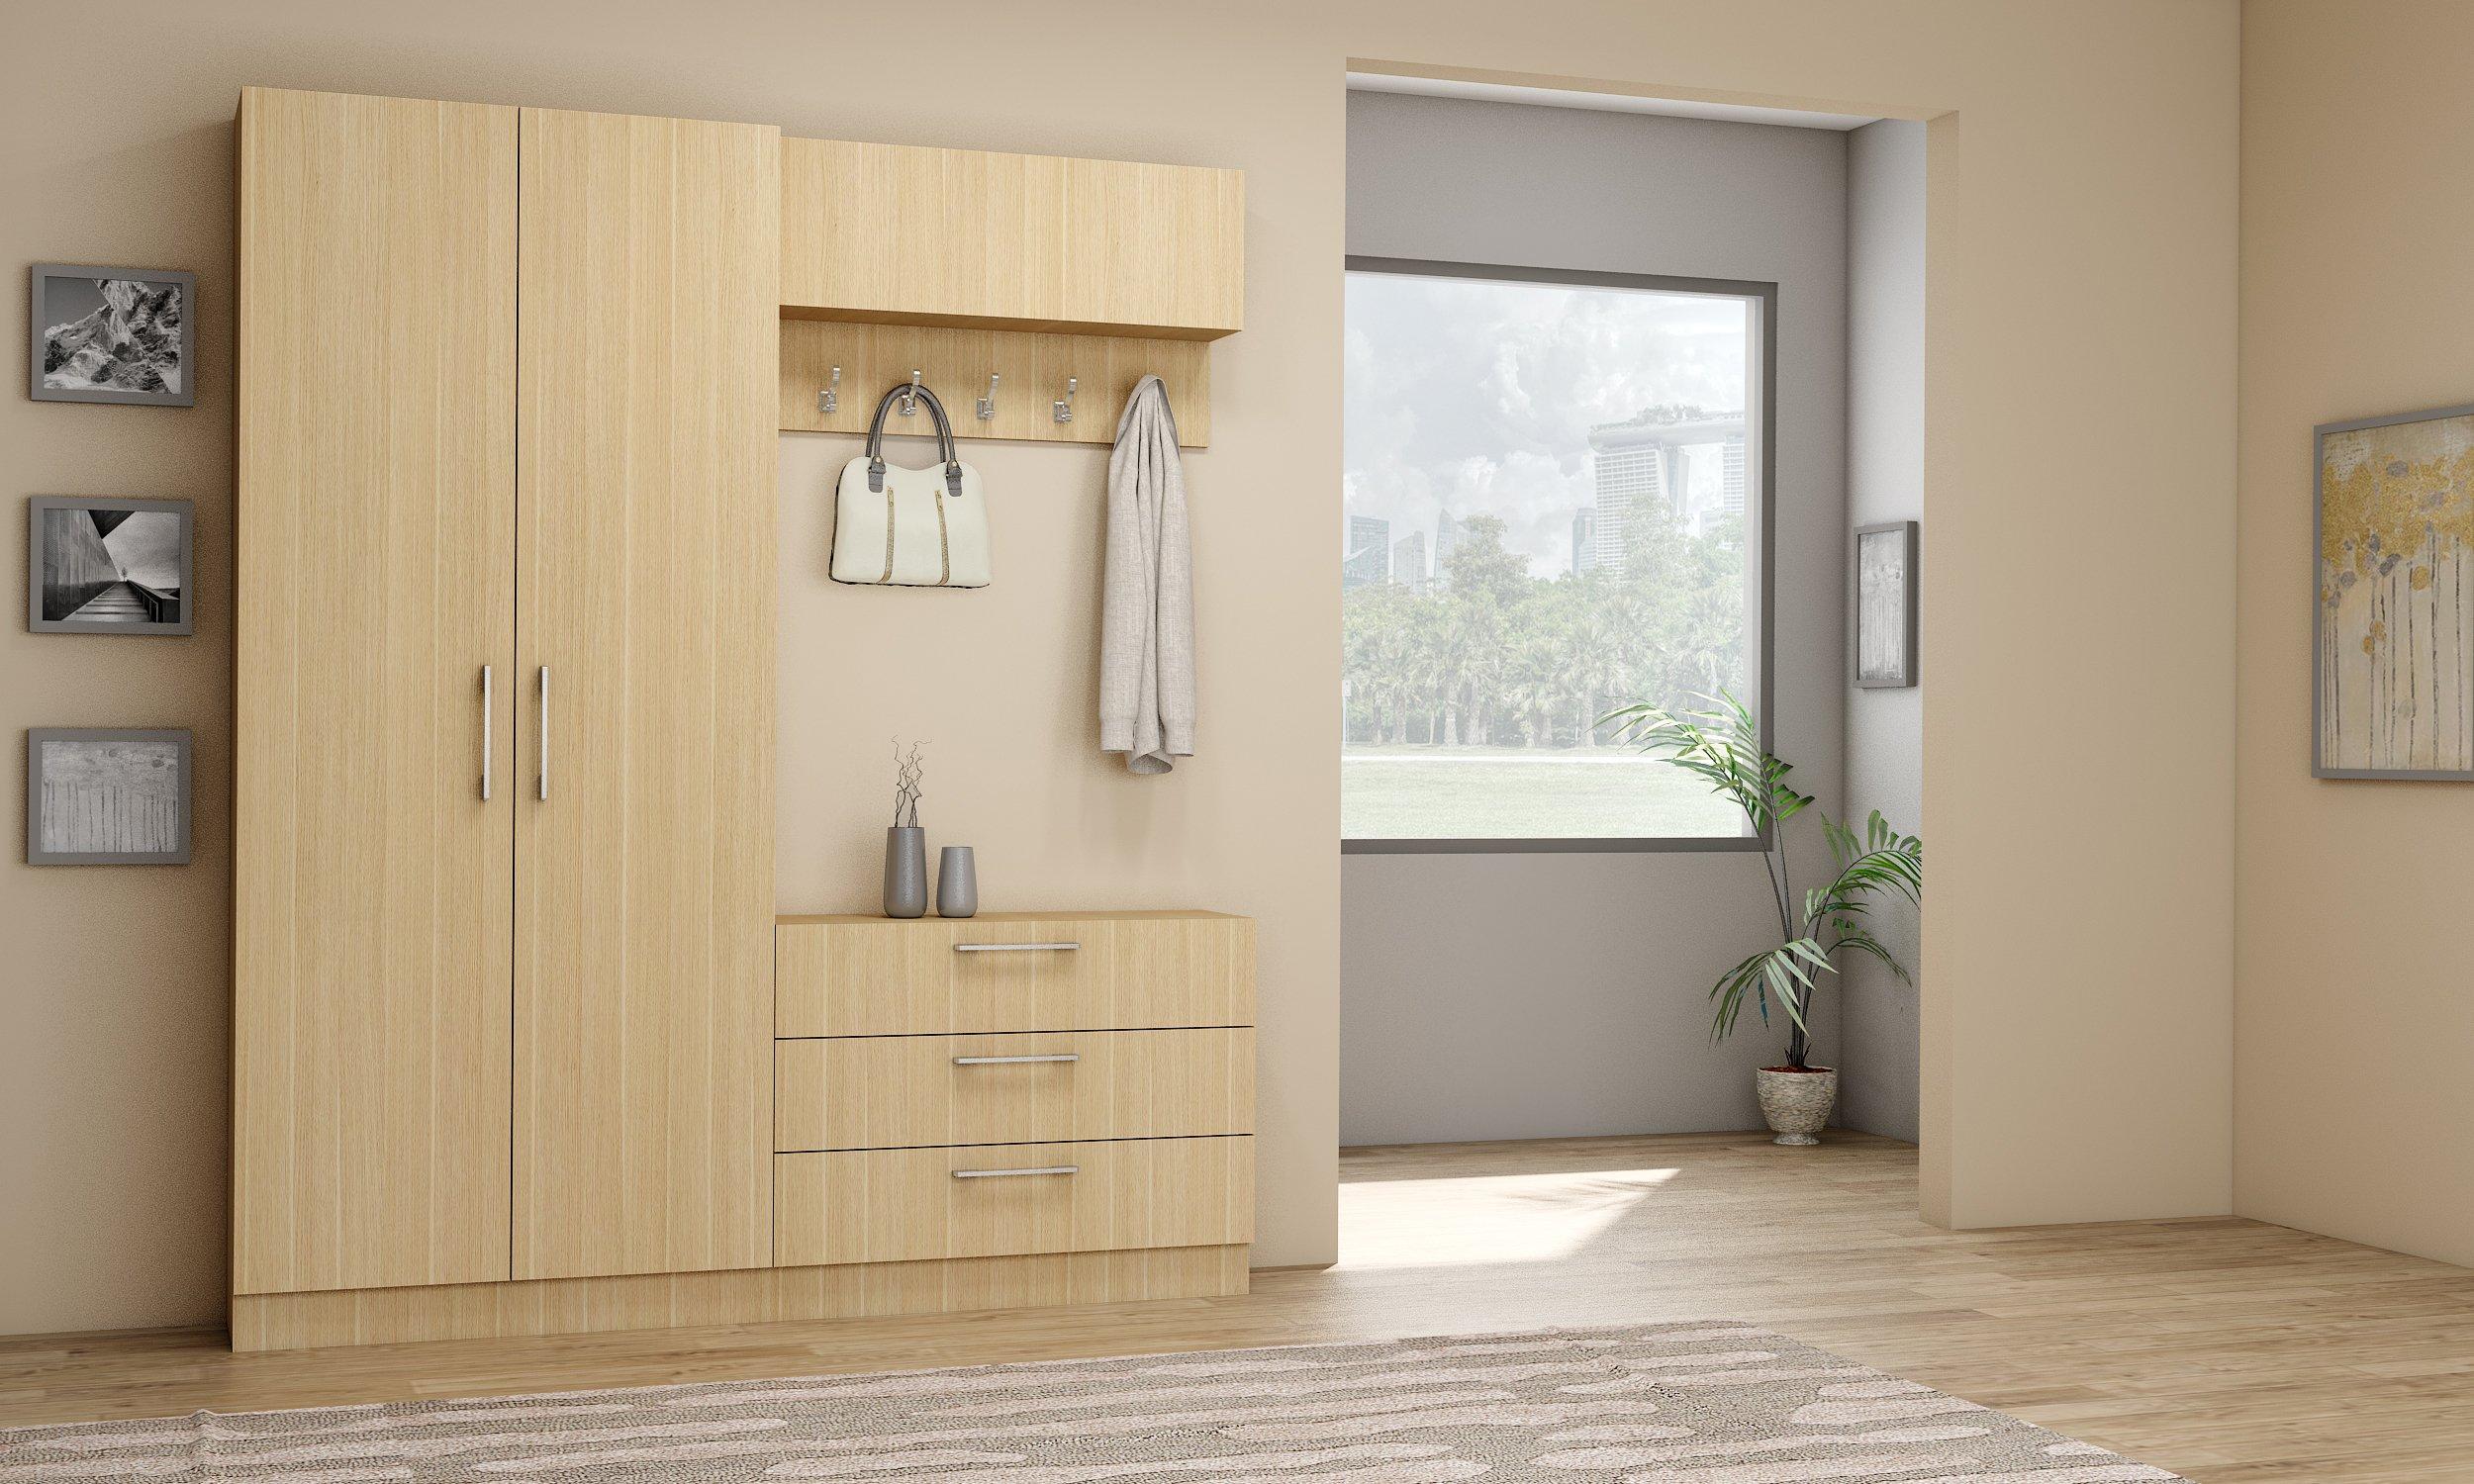 Hallway Cabinets in Kaisersberg Oak